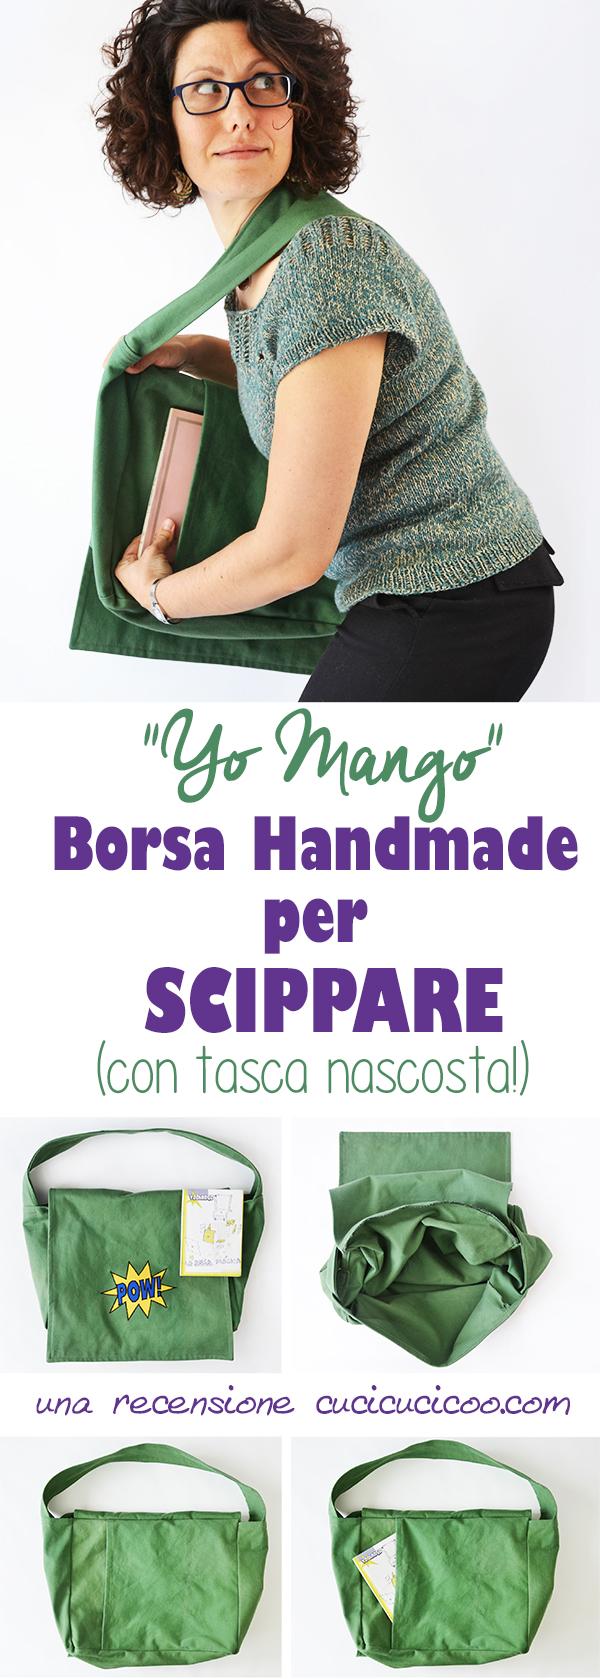 """Protestare contro la """"fast fashion"""" con un cartamodello per una borsa magica handmade da cucire: la borsa per scippare con il cartamodello Yo Mango. #borsamagicafaidate #diffondiamolamoreperilcucito"""